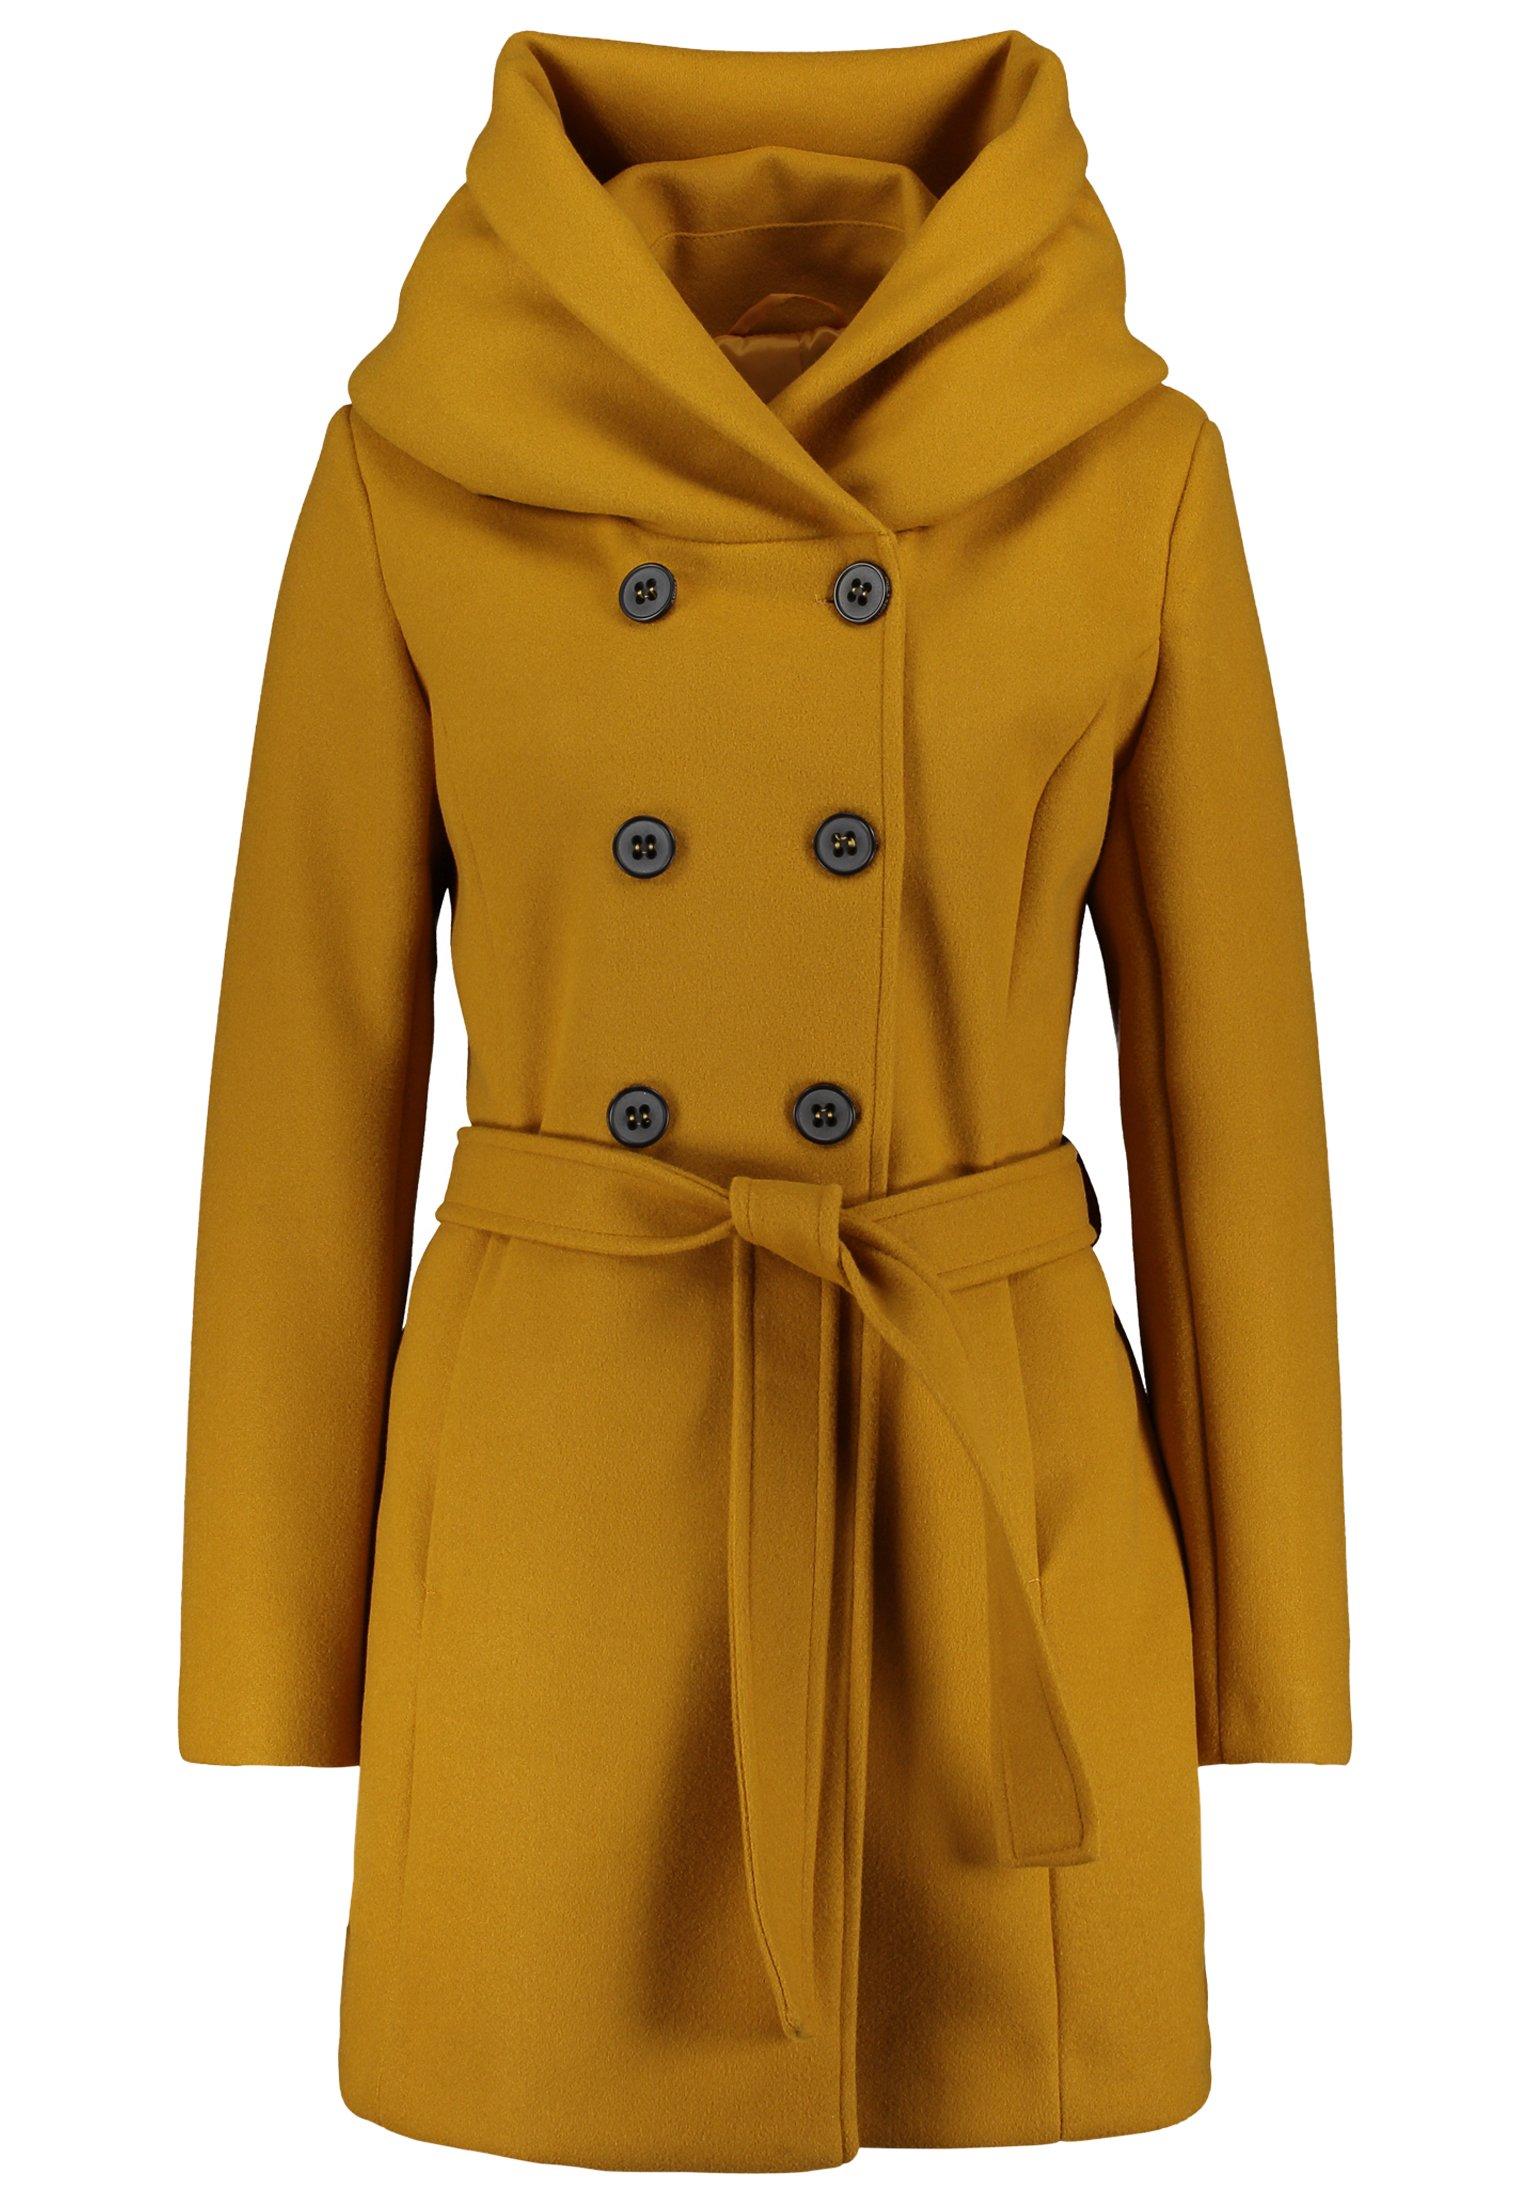 Damen Jacken Mäntel online günstig kaufen